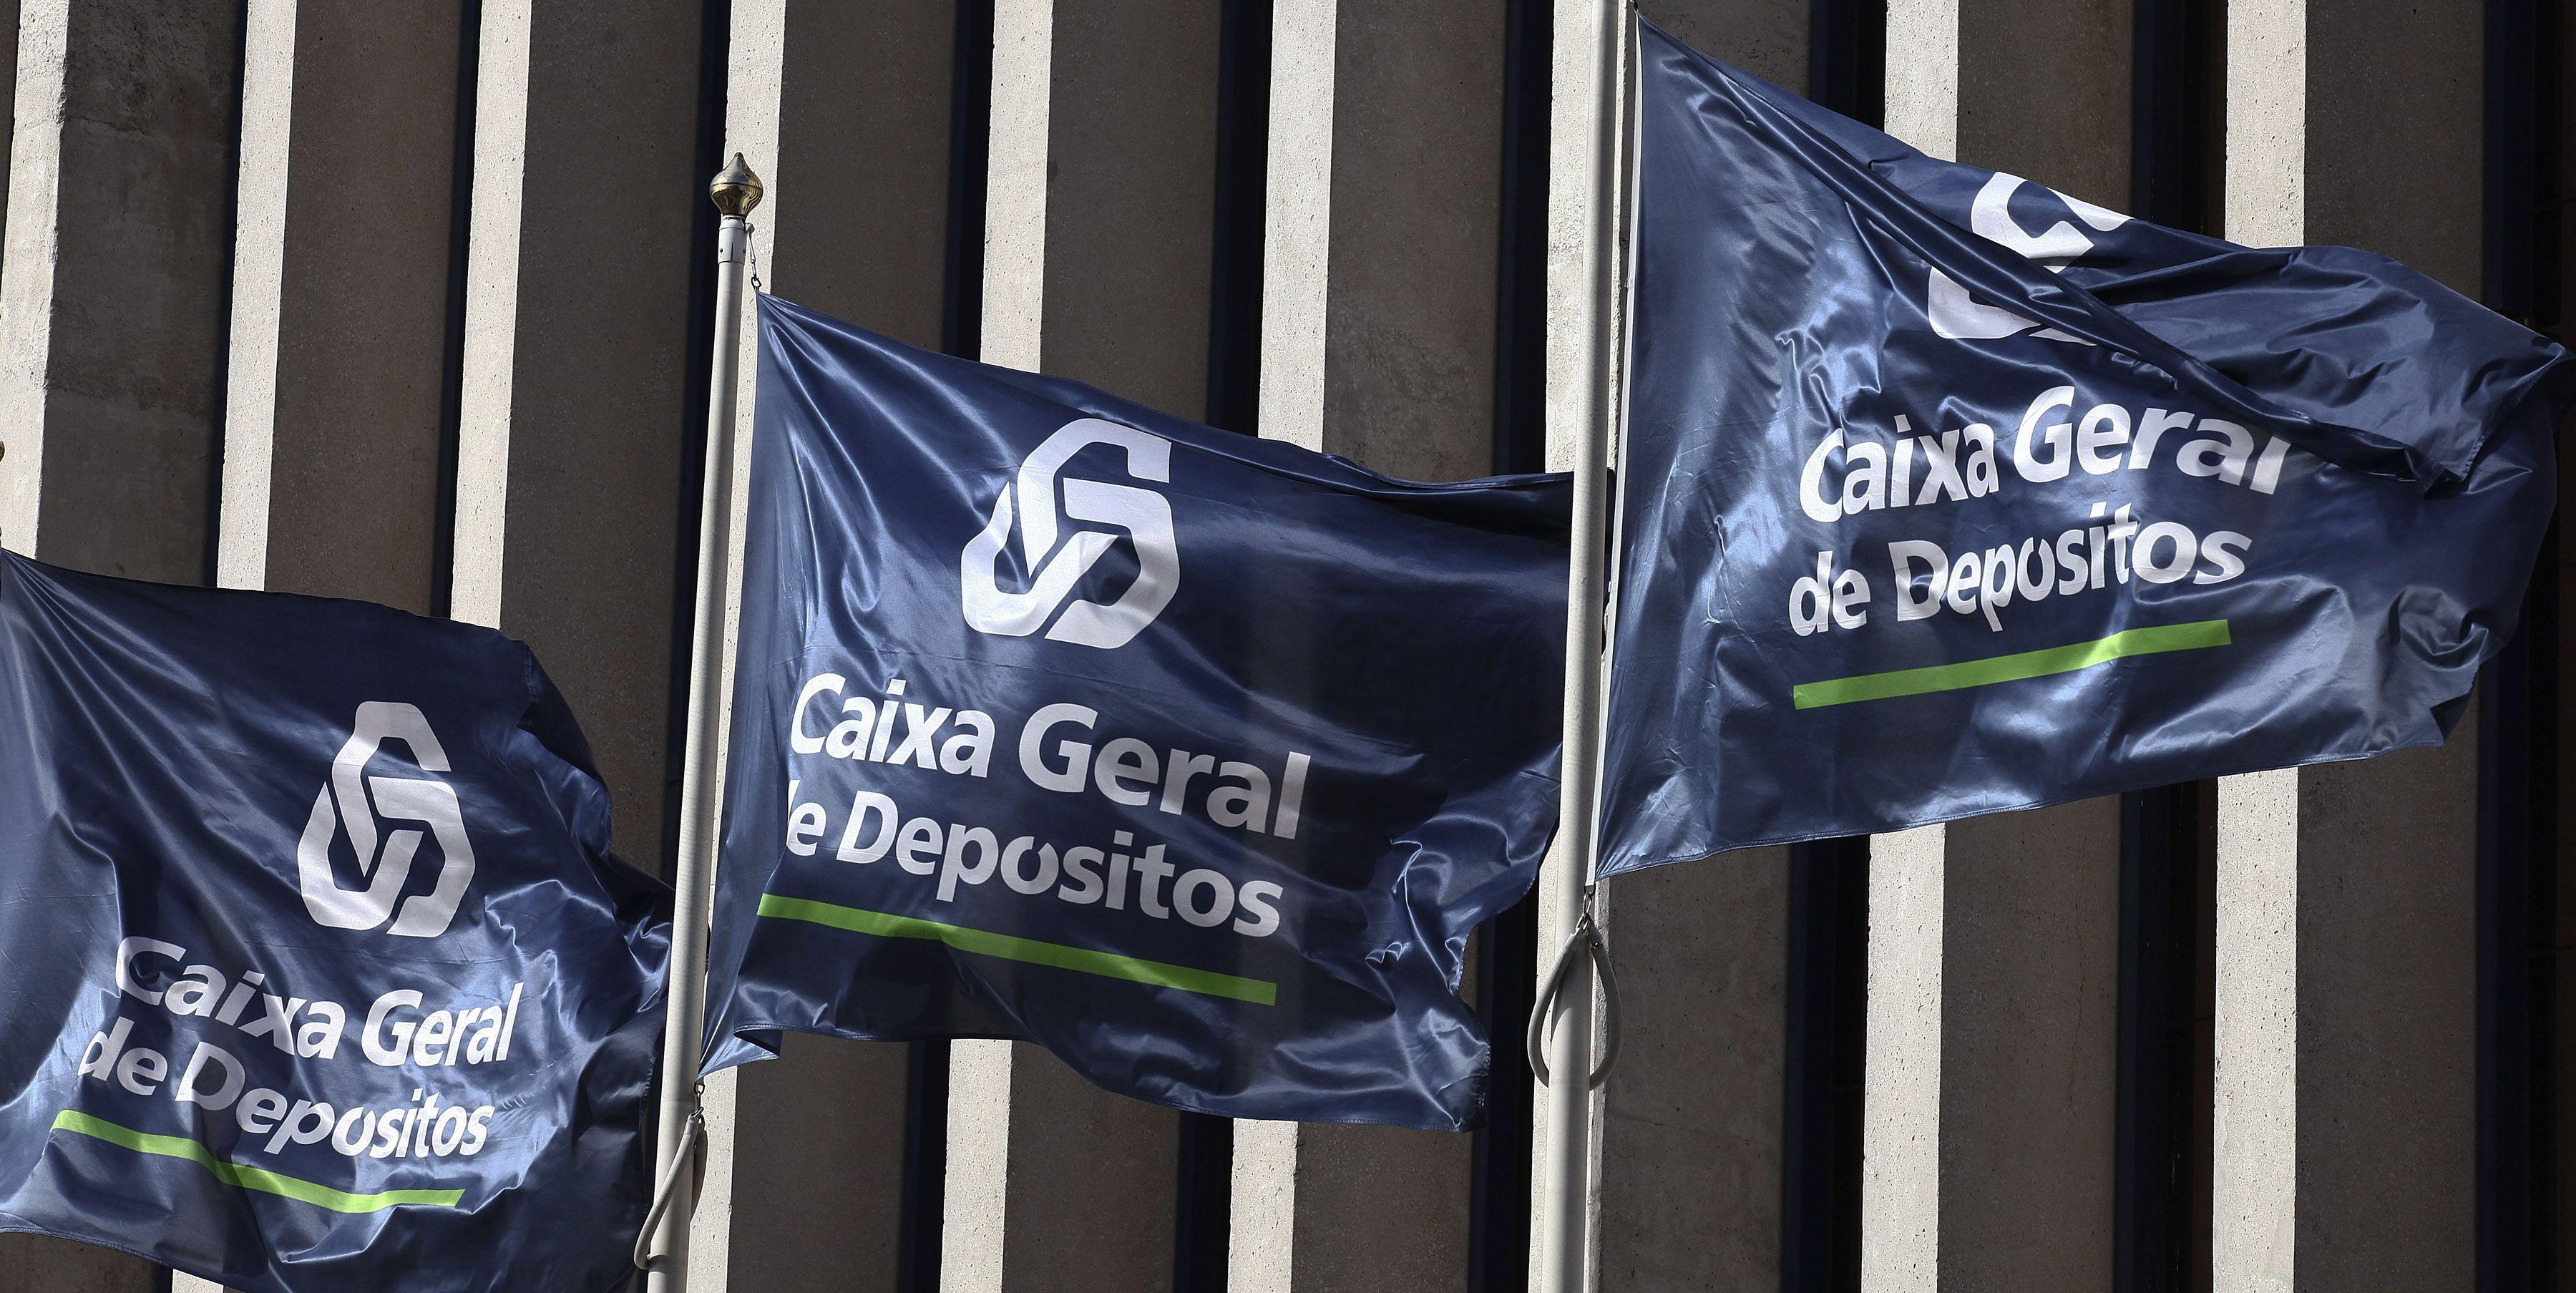 Acordo estabiliza setor bancário português - Comissária Europeia